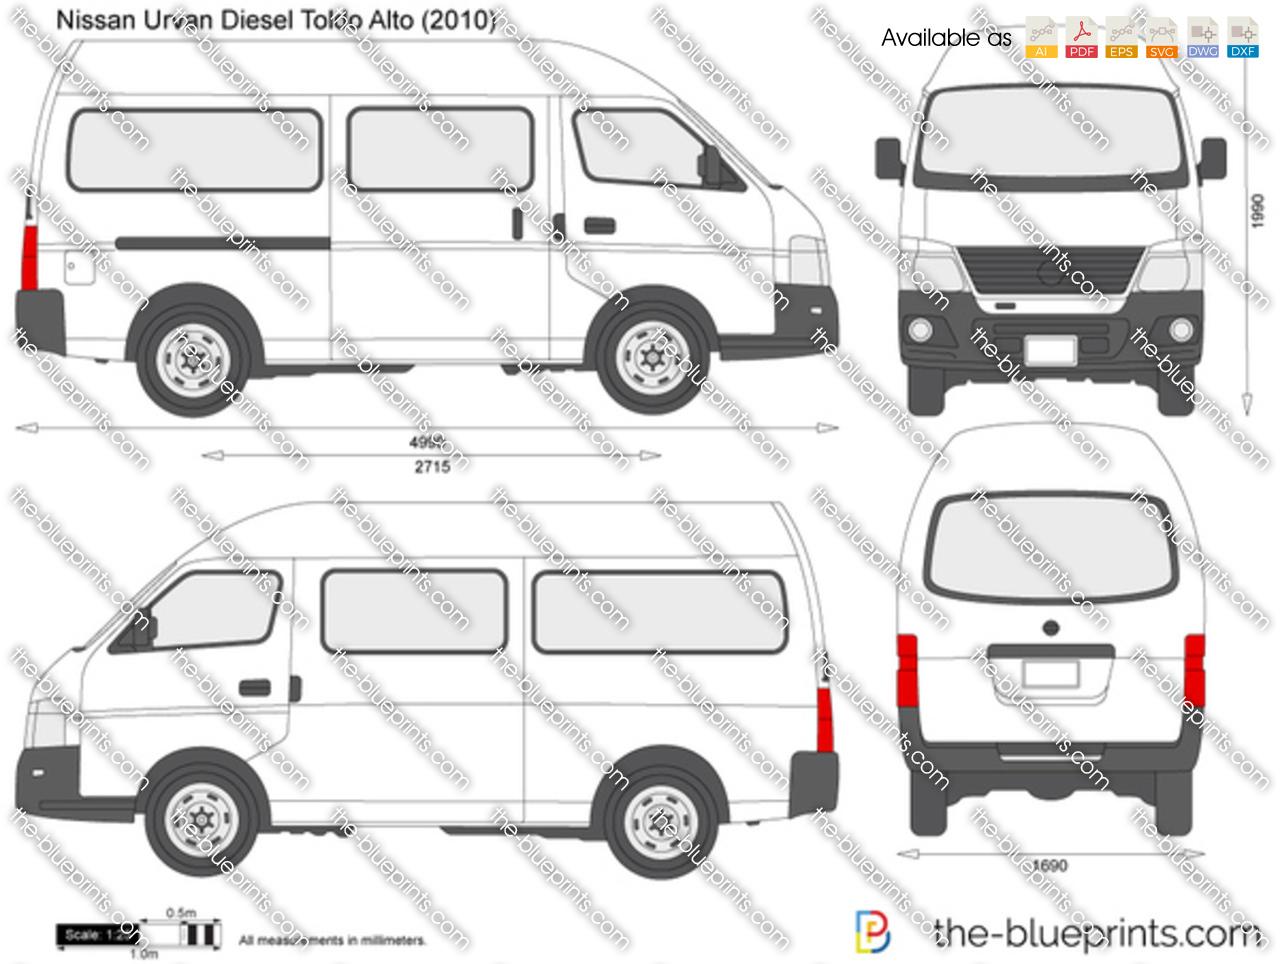 Nissan Urvan Diesel Toldo Alto 2012